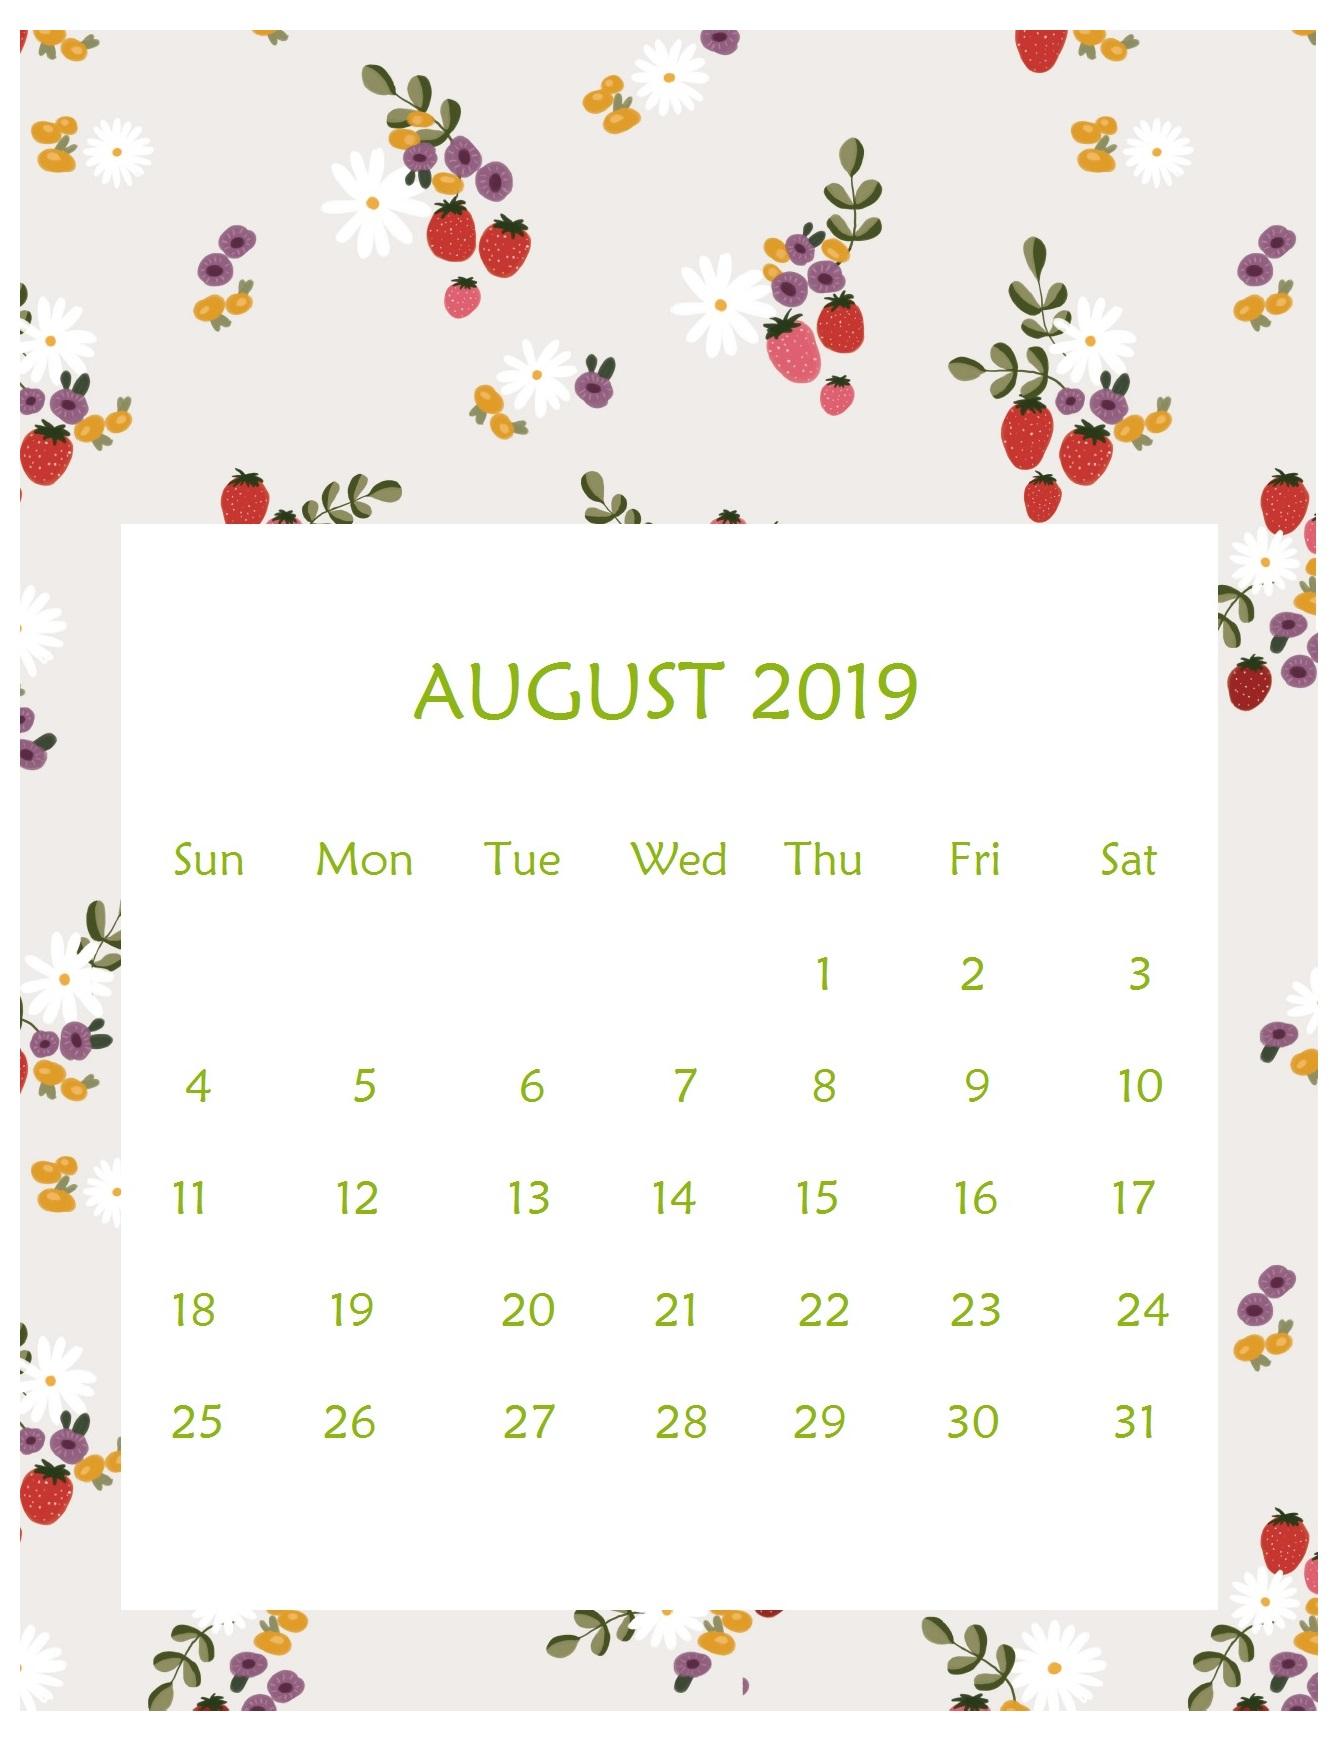 Print Beautiful August 2019 Calendar Template